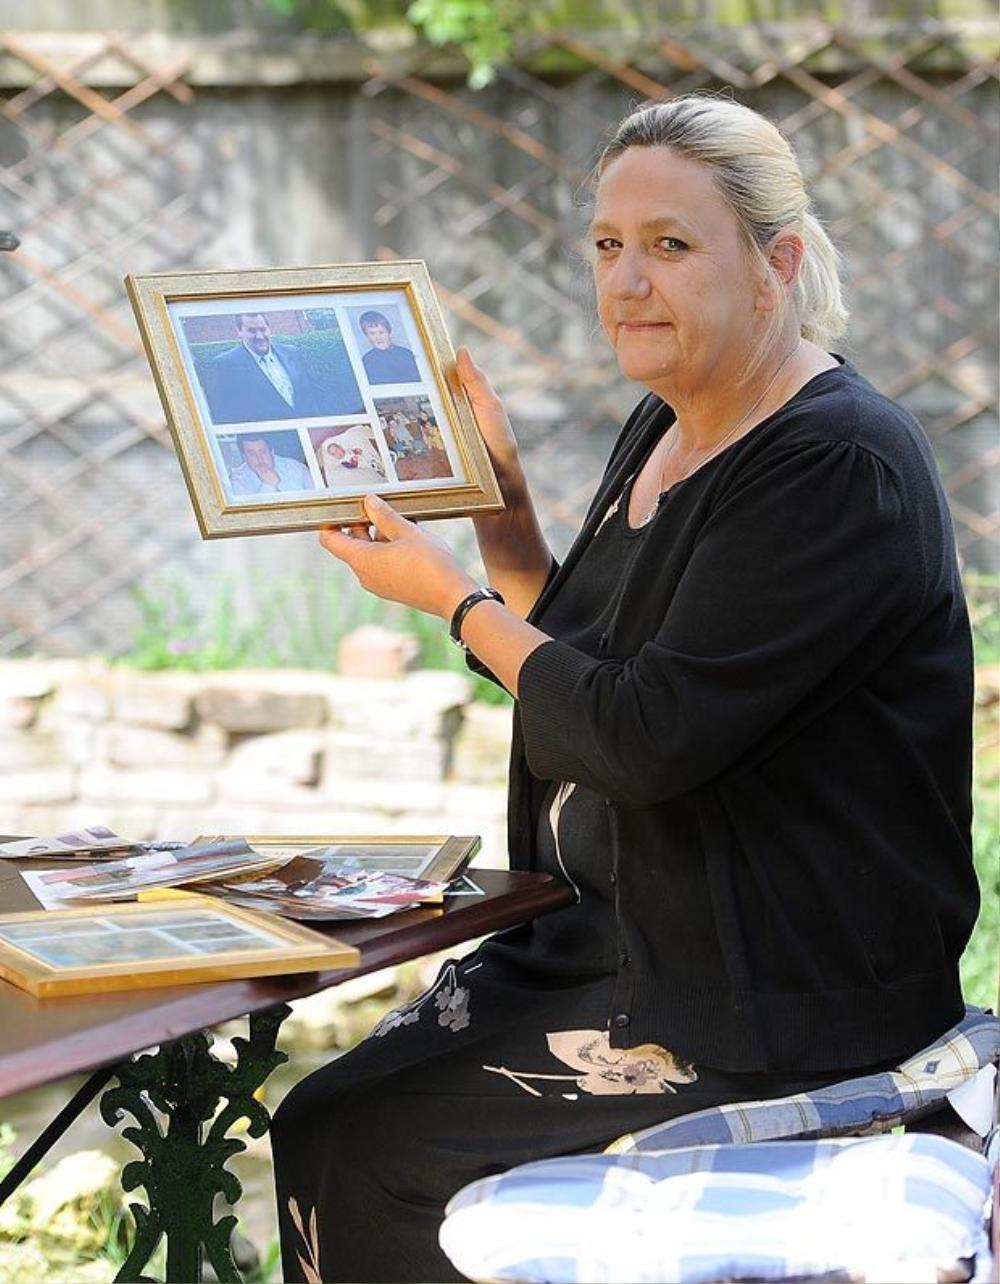 Người phụ nữ quên sạch ký ức của 20 năm sau cú ngã tại nơi làm việc Ảnh 1